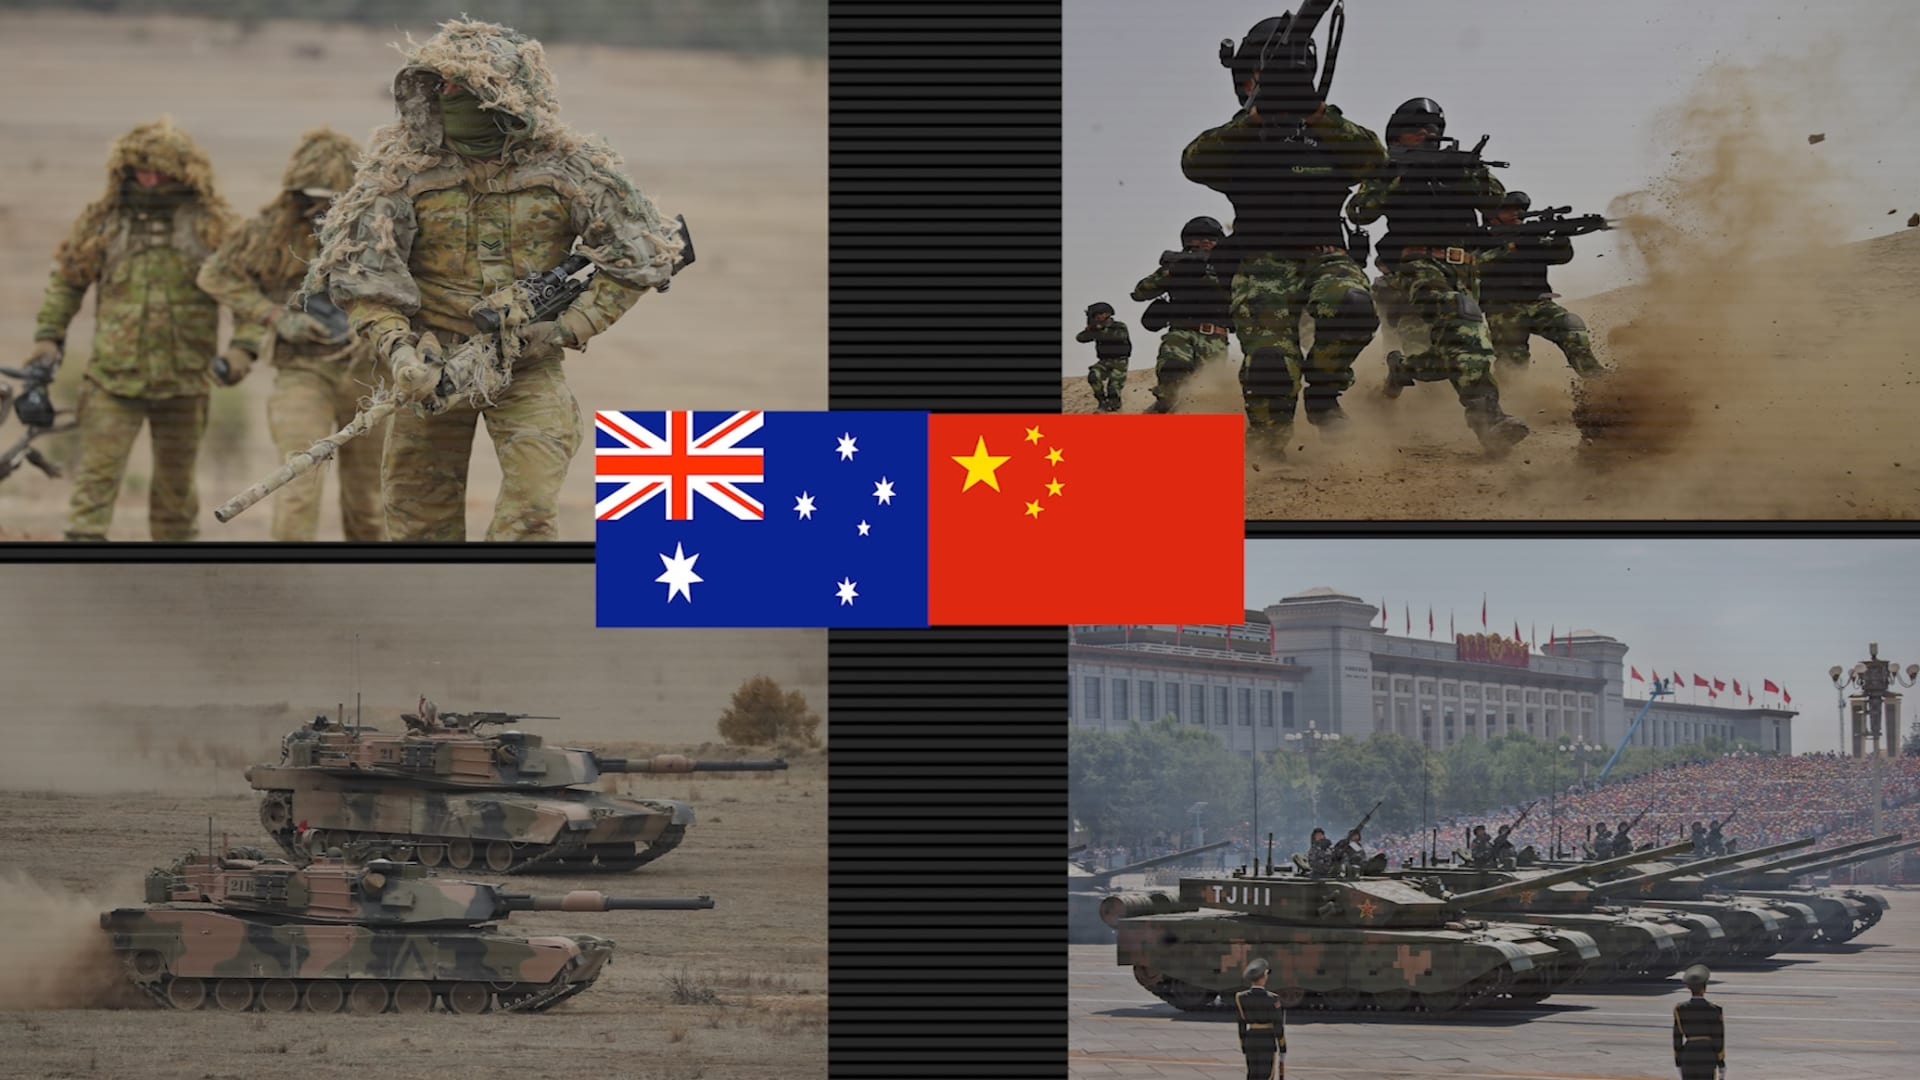 شاهد.. مقارنة بين قدرات الجيش الصيني ونظيره الأسترالي